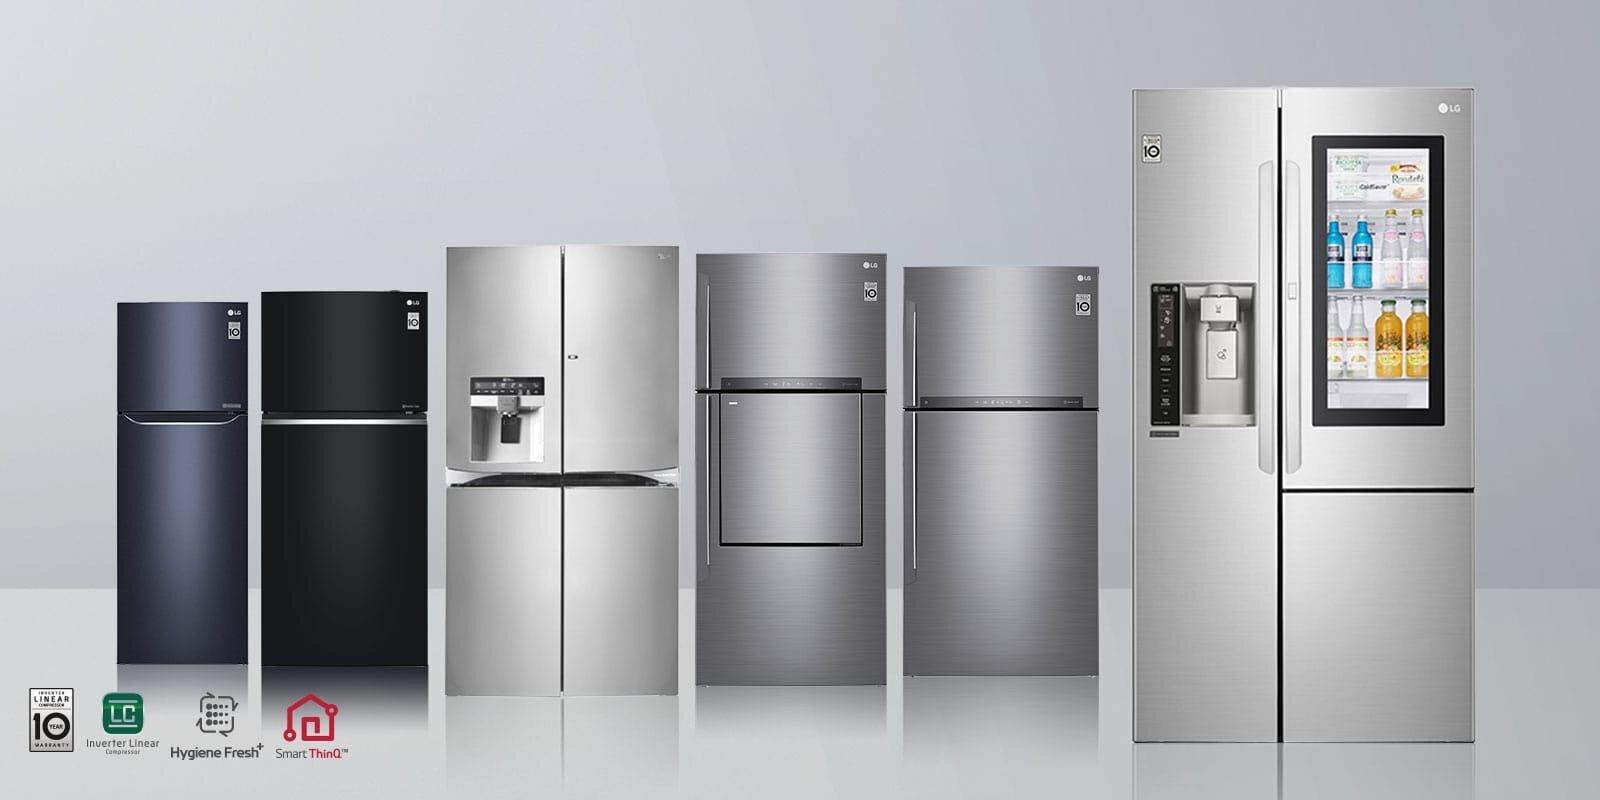 Tủ lạnh LG sở hữu nhiều thiết kế